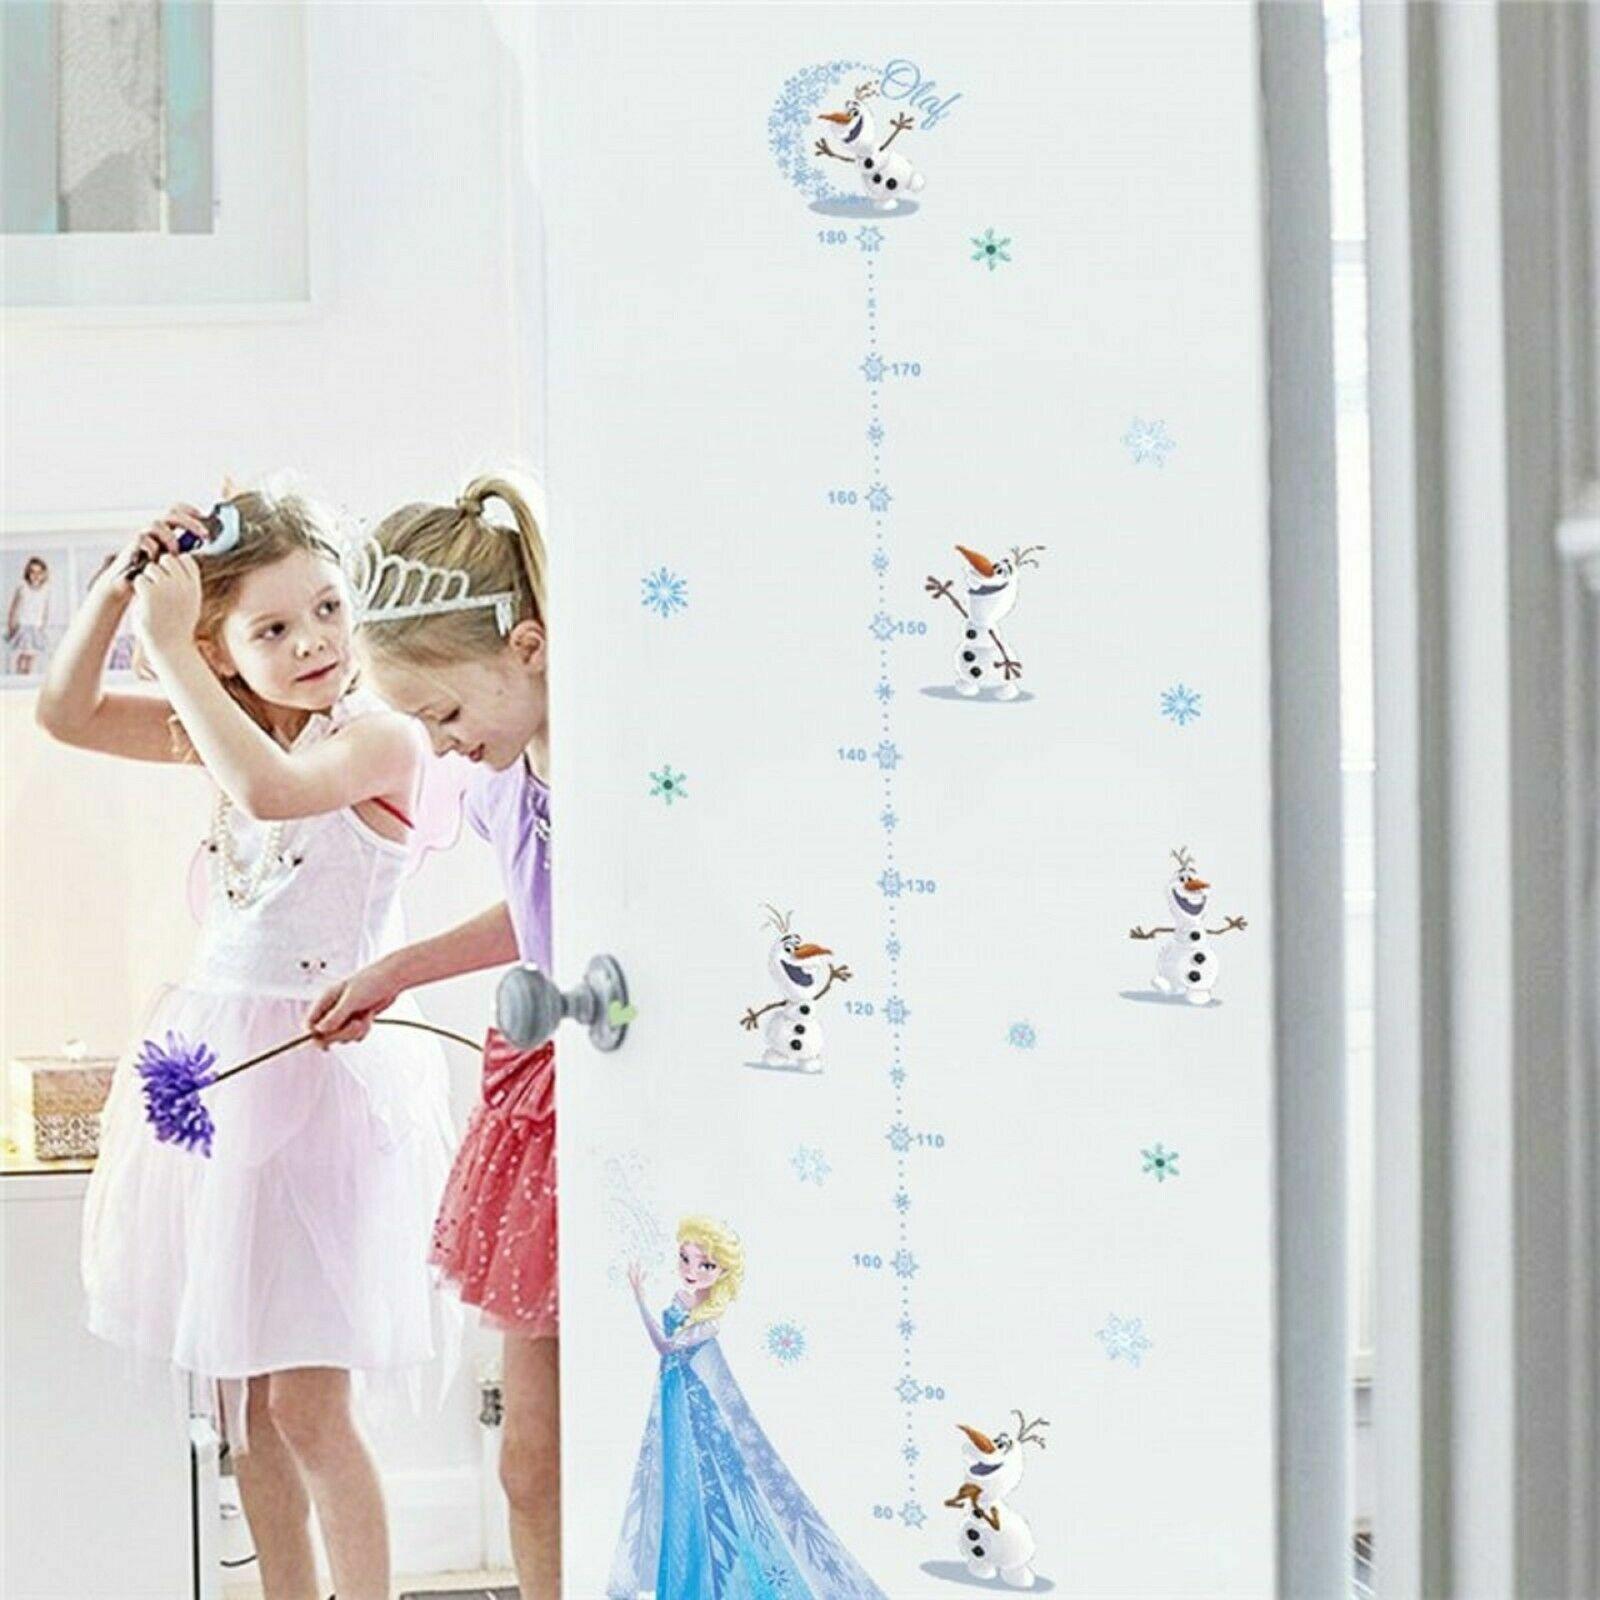 Decals Stickers Vinyl Art Wandtattoo Aufkleber Kindermotive Disney Anna Und Elsa Home Garden Gefradis Fr